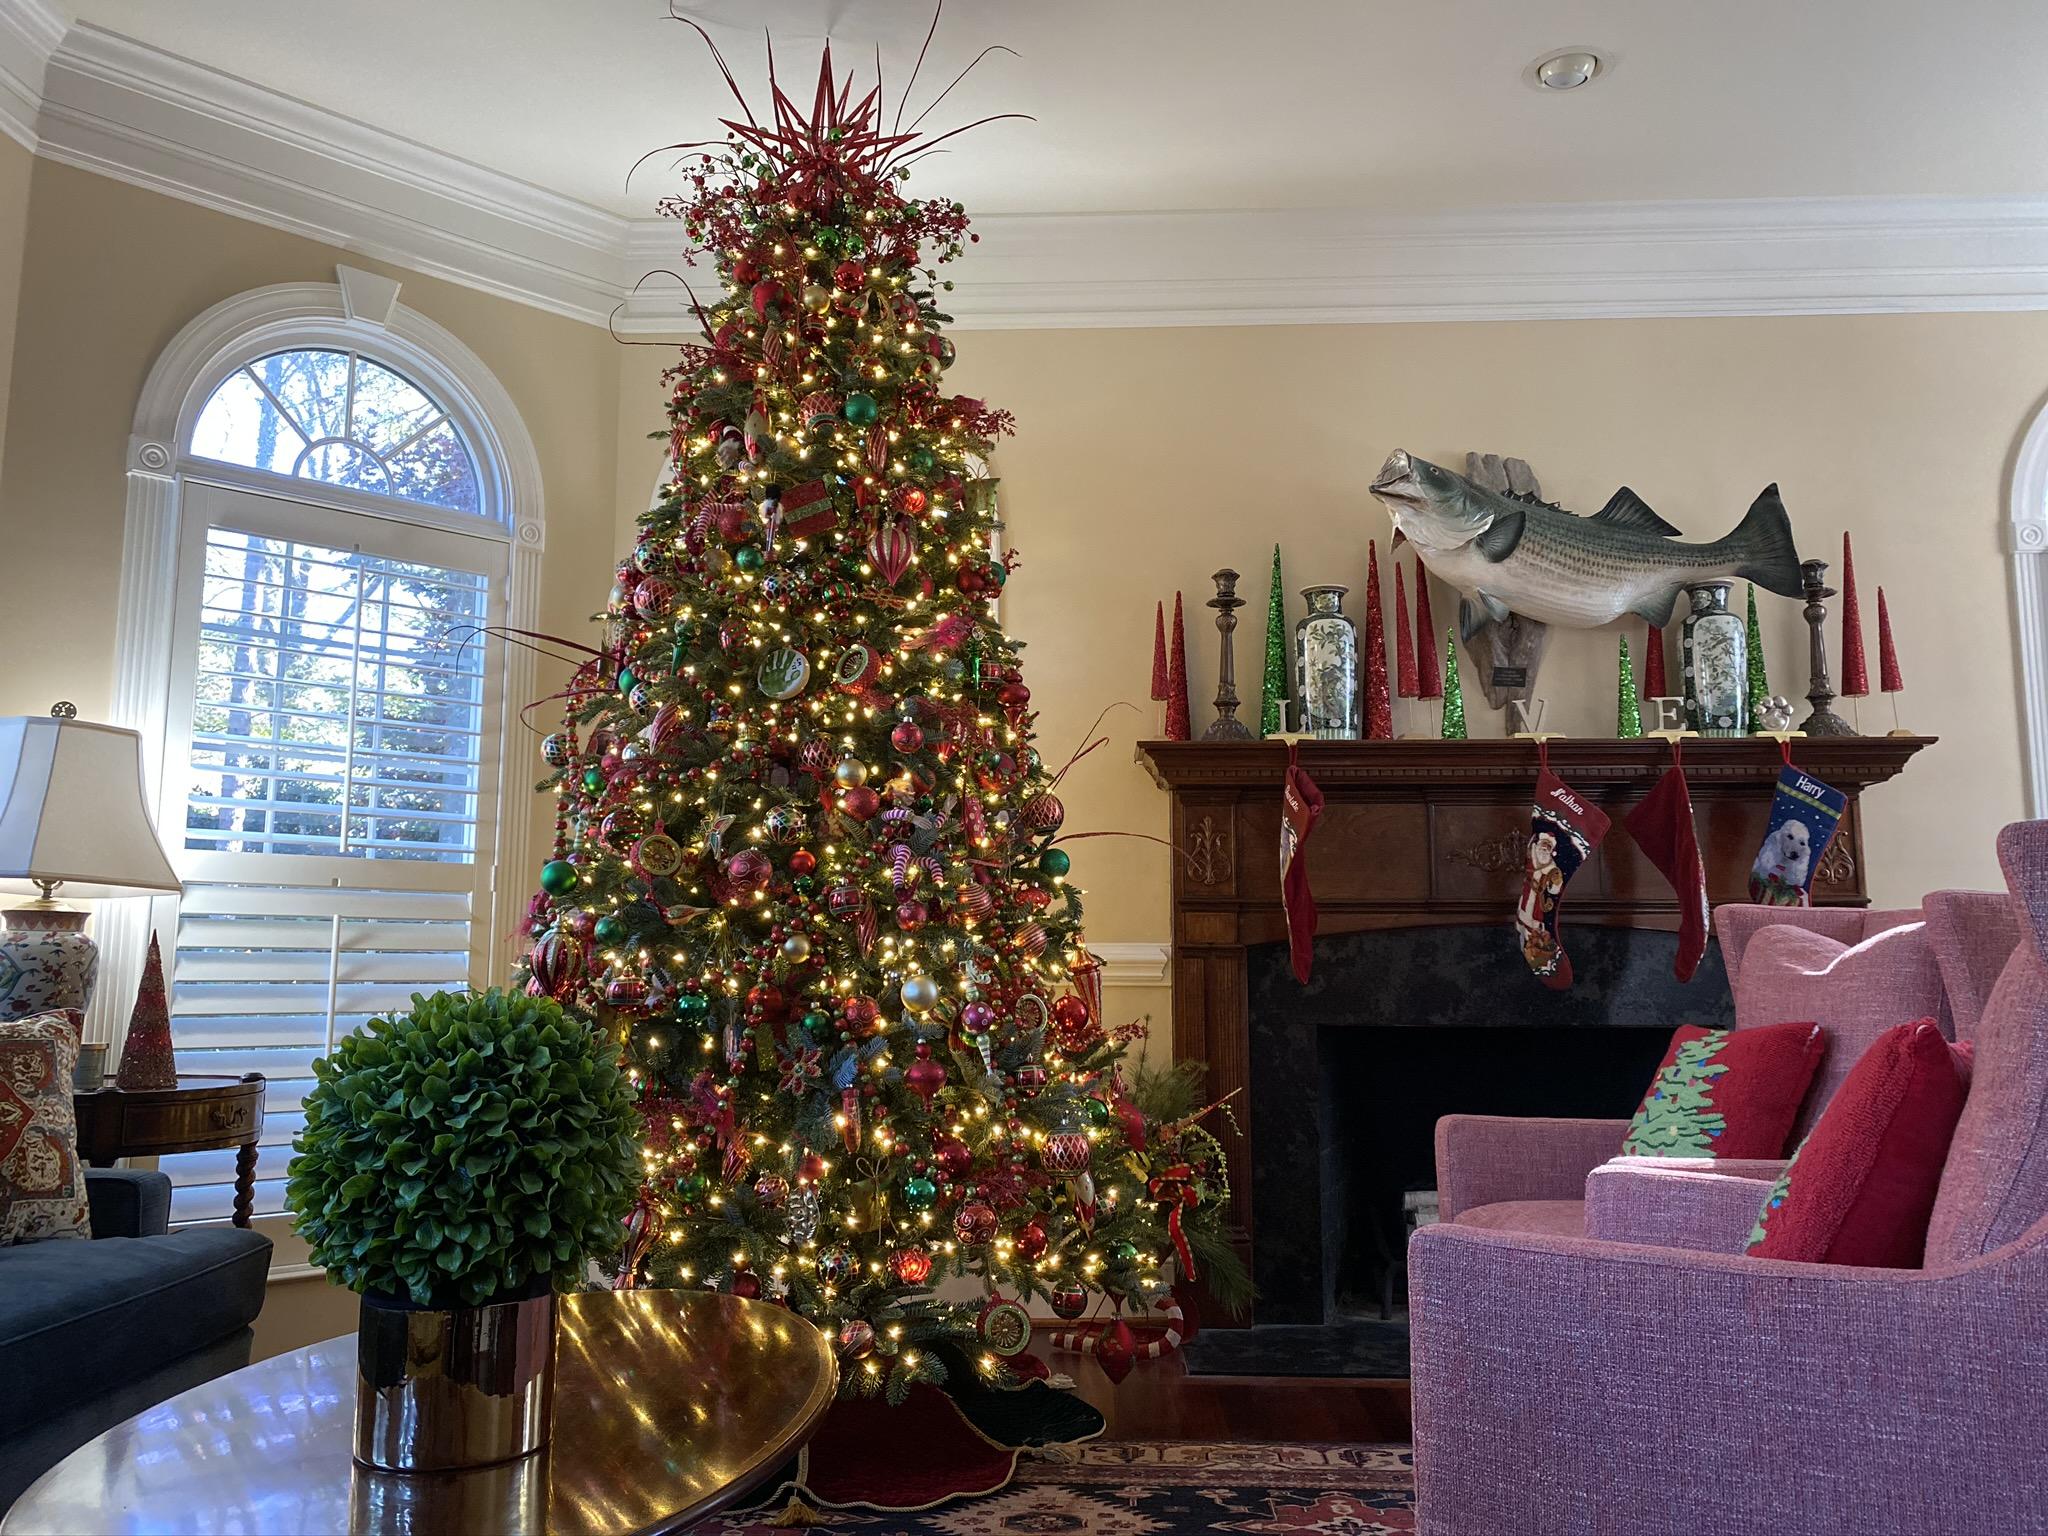 Holiday Interior Install